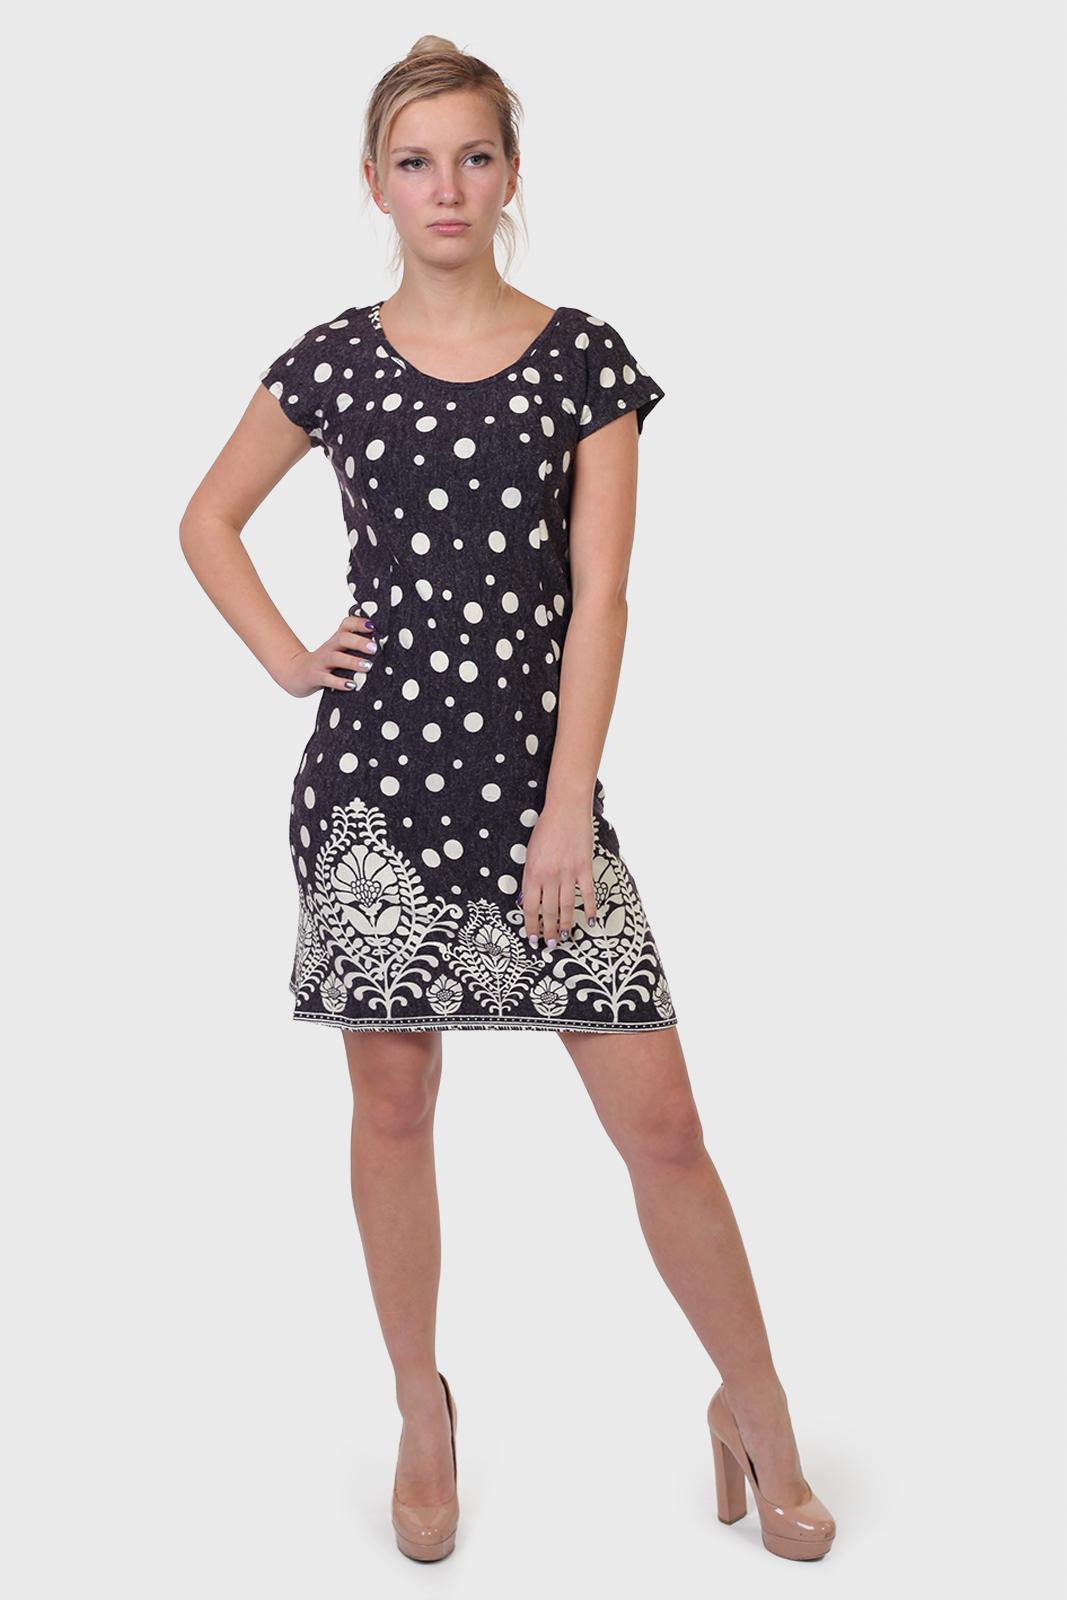 Купить в интернет магазине женское платье в горох